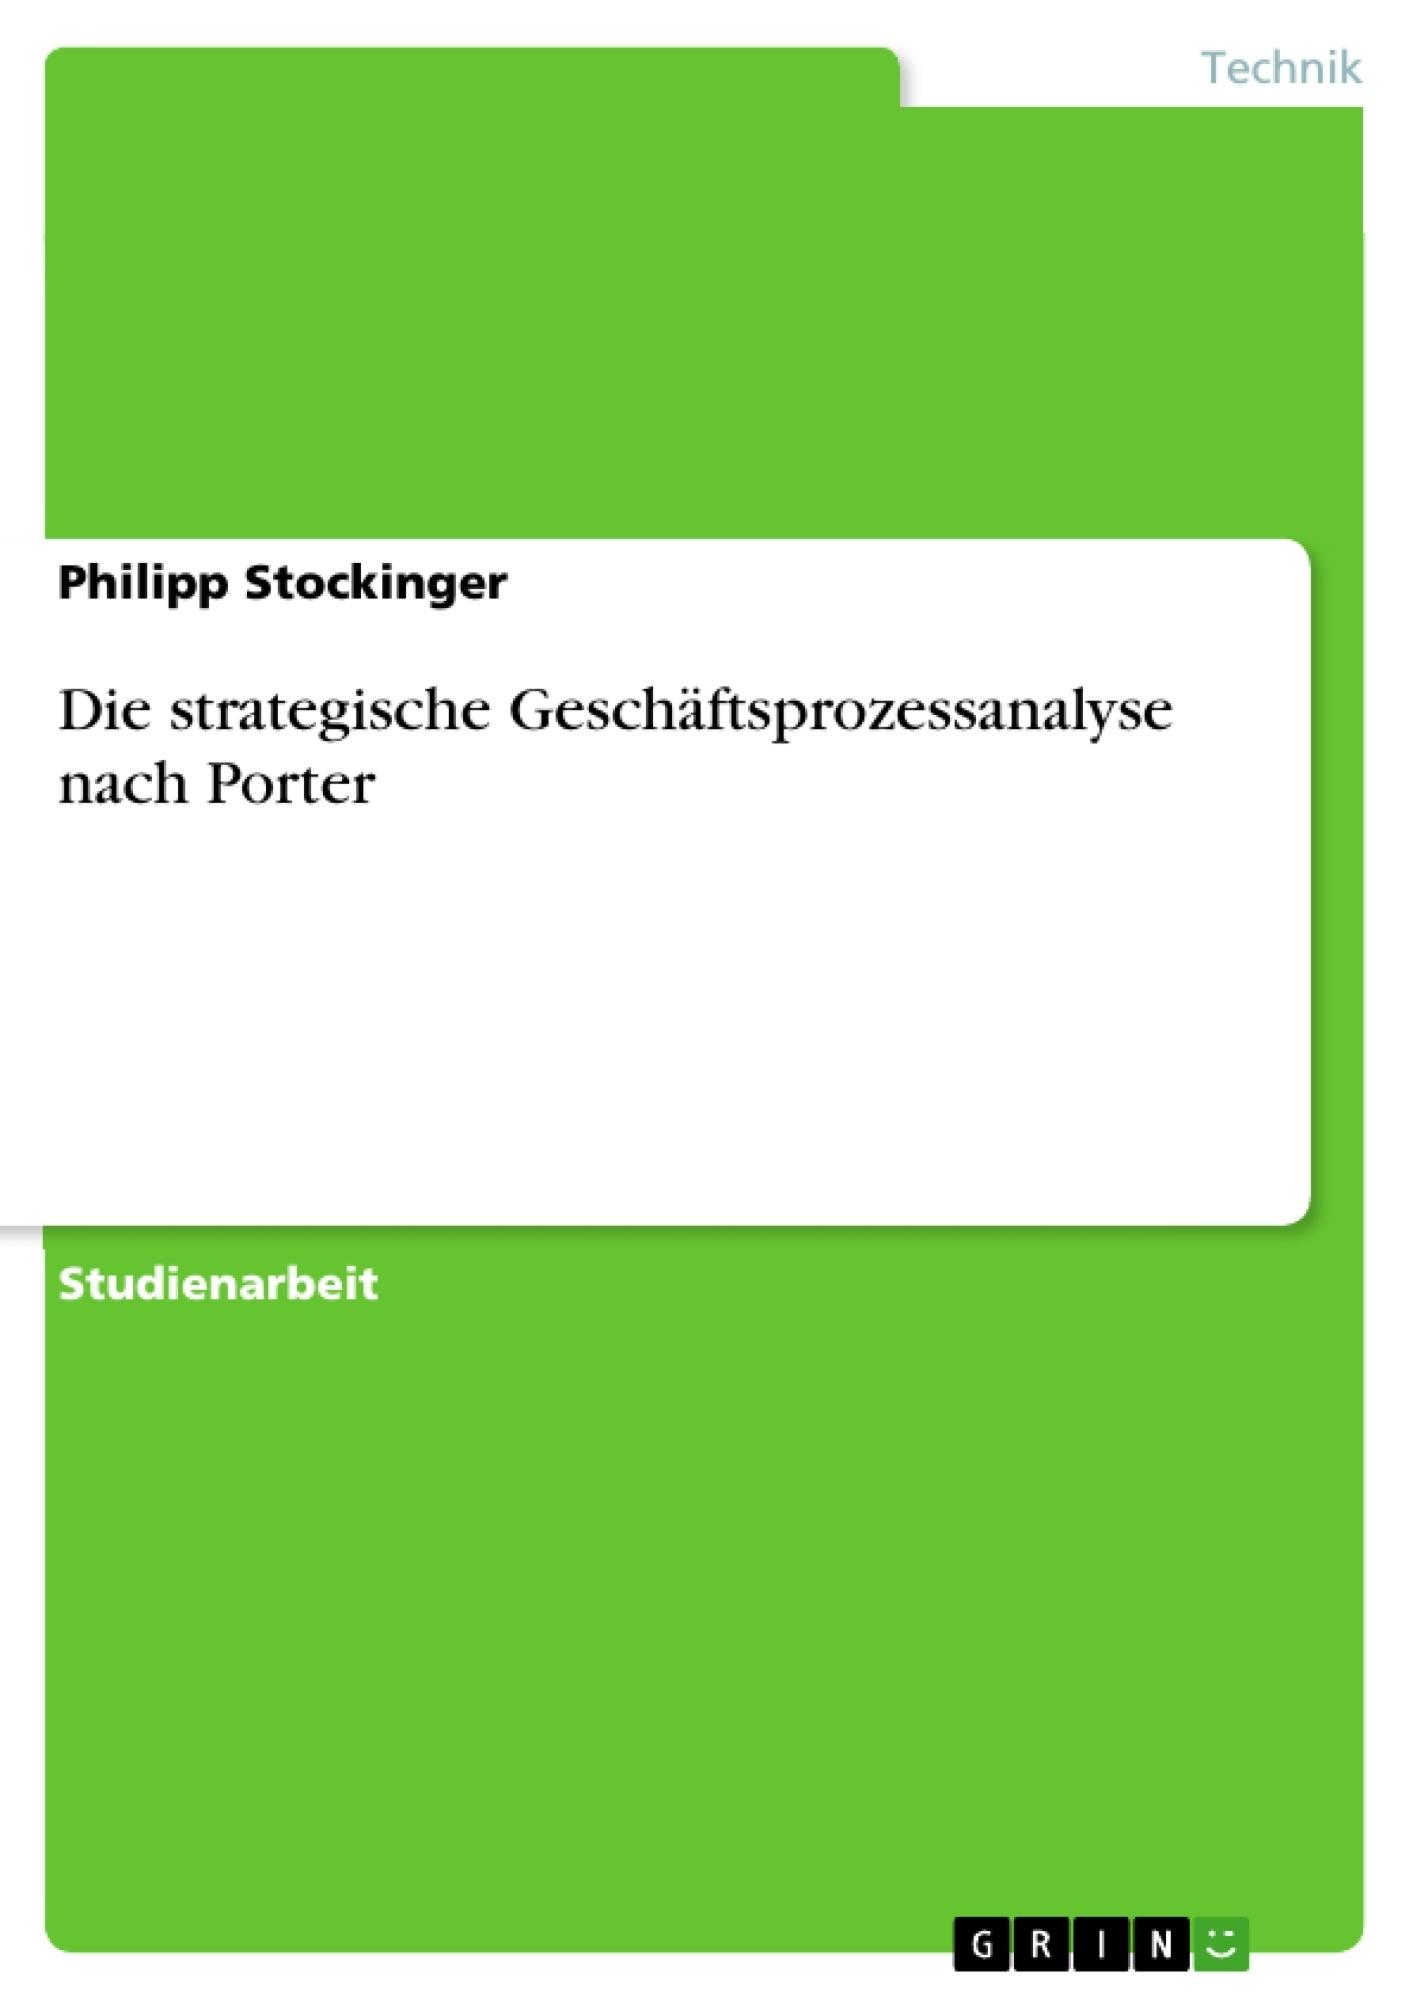 Titel: Die strategische Geschäftsprozessanalyse nach Porter